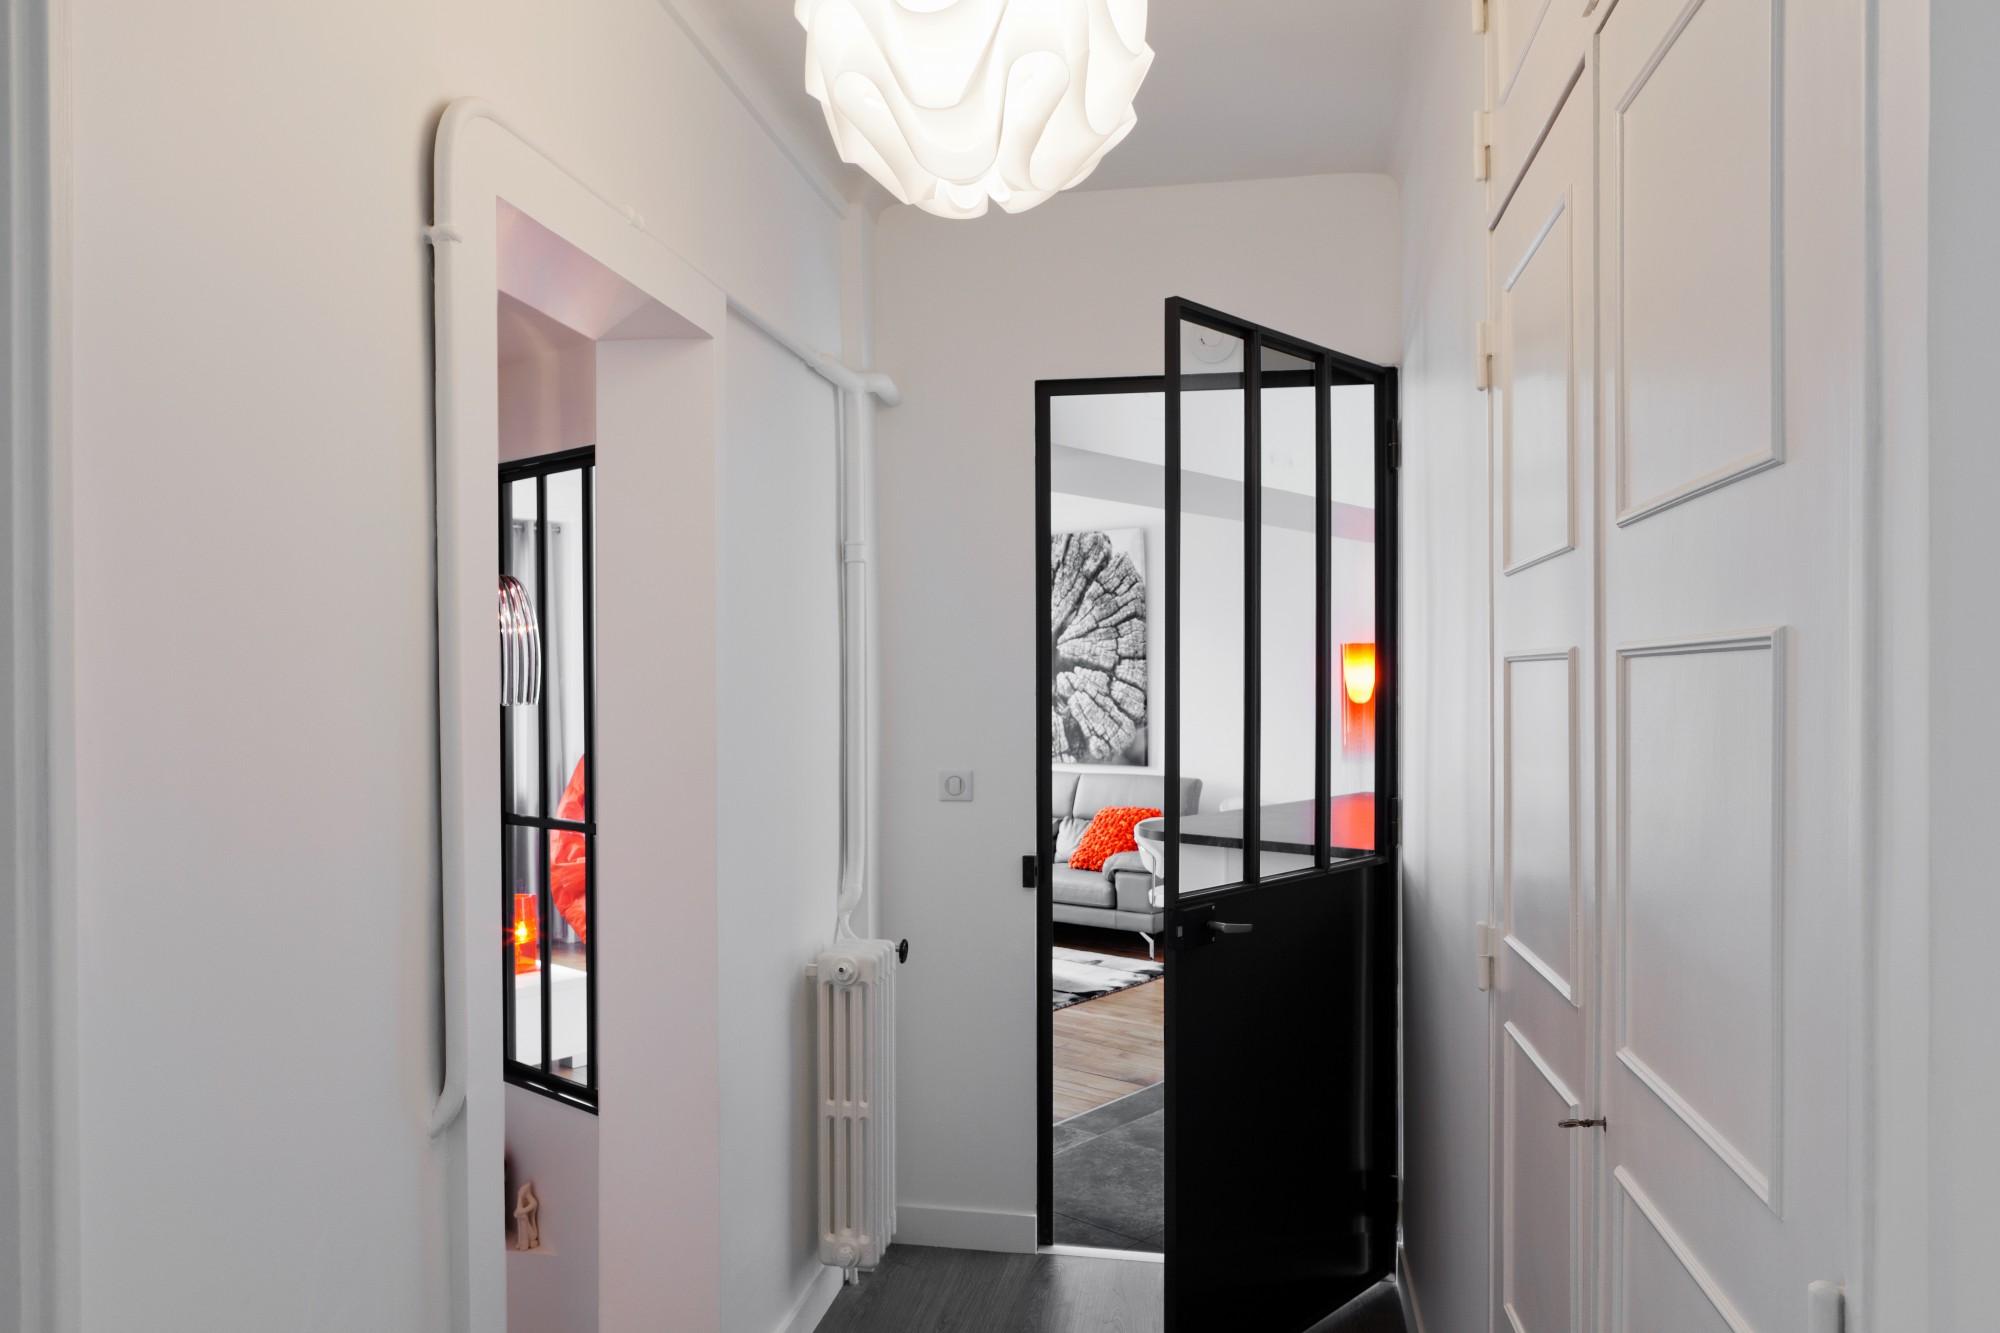 Kleber-Vinci-Salamandre-La Beau d'Architecture#01